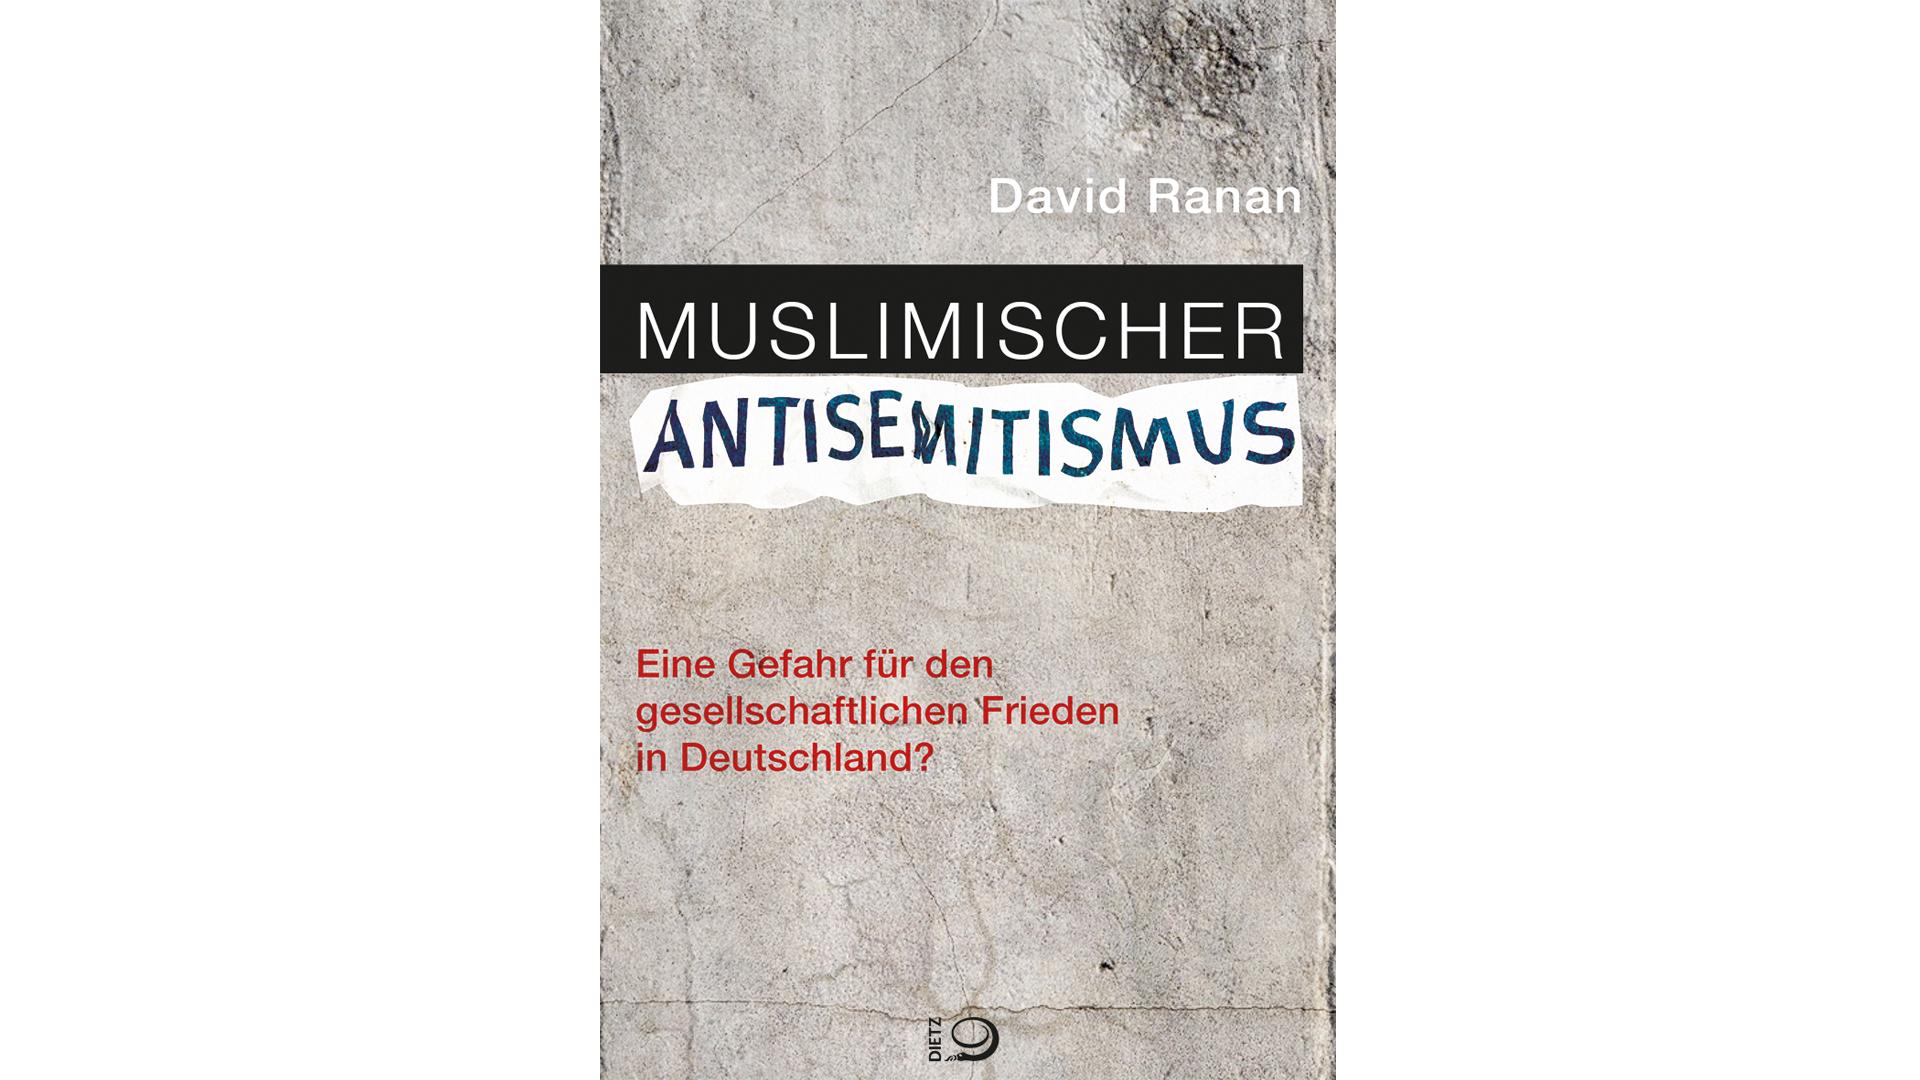 David Ranan hat mit seinem Buch eine qualitative Studie zum Thema des muslimischen Antisemitismus vorgelegt